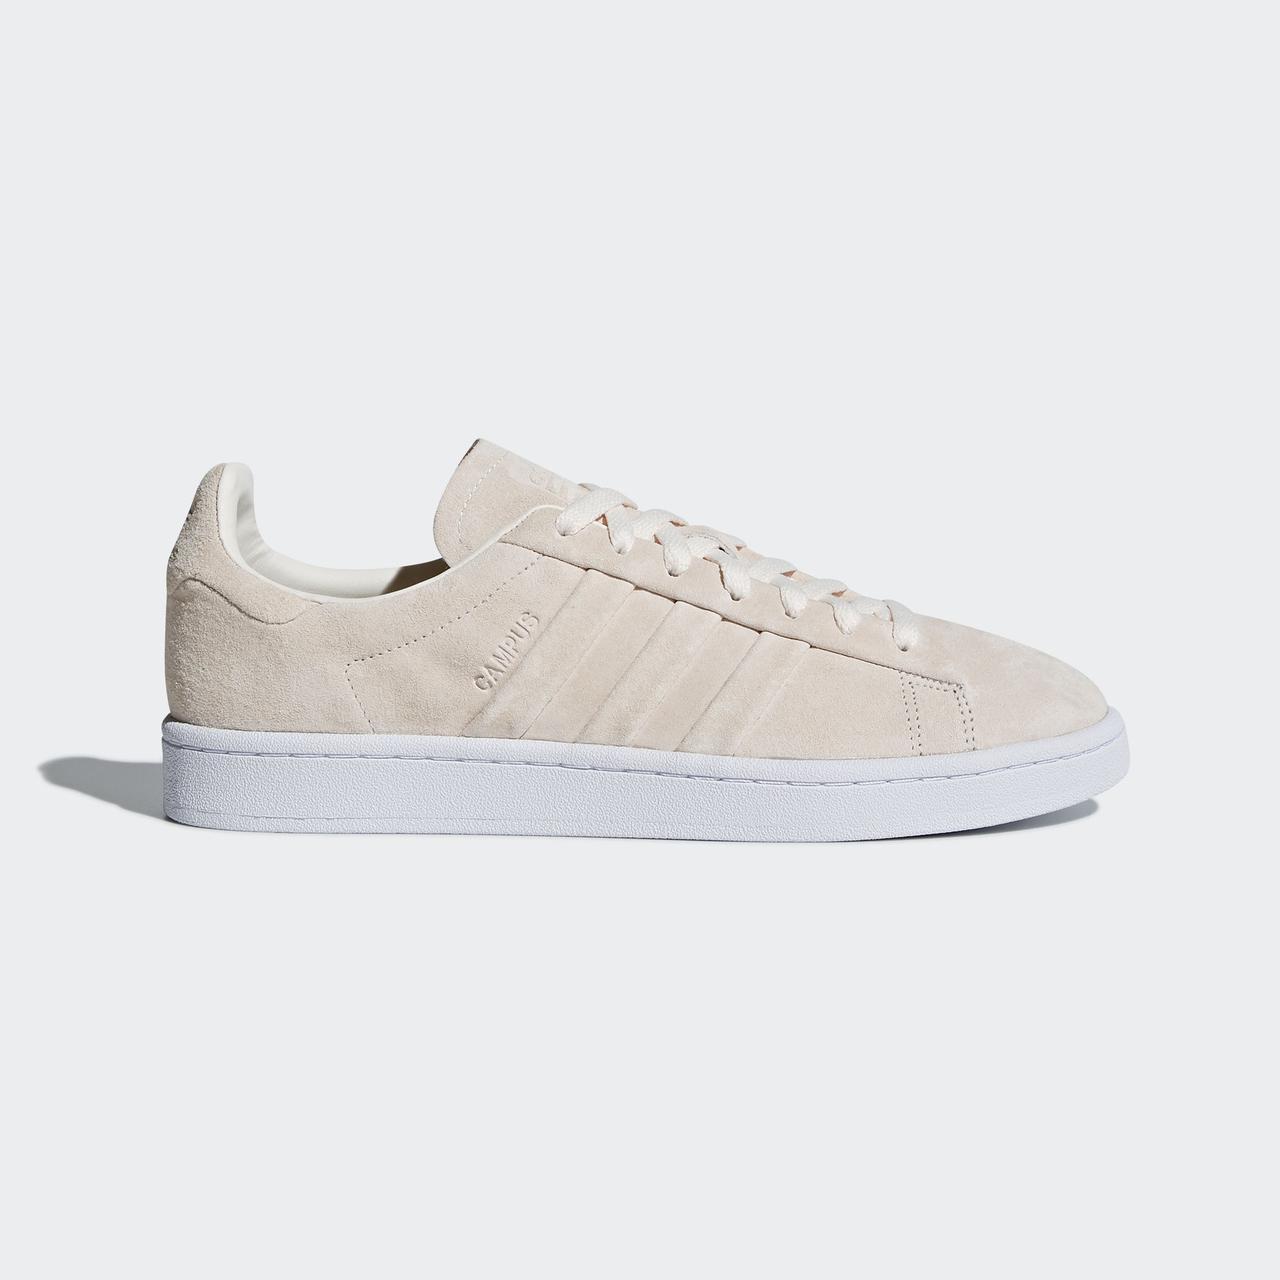 98109004 Мужские кроссовки Adidas Originals Campus Stitch And Turn (Артикул: BB6744)  - Интернет-